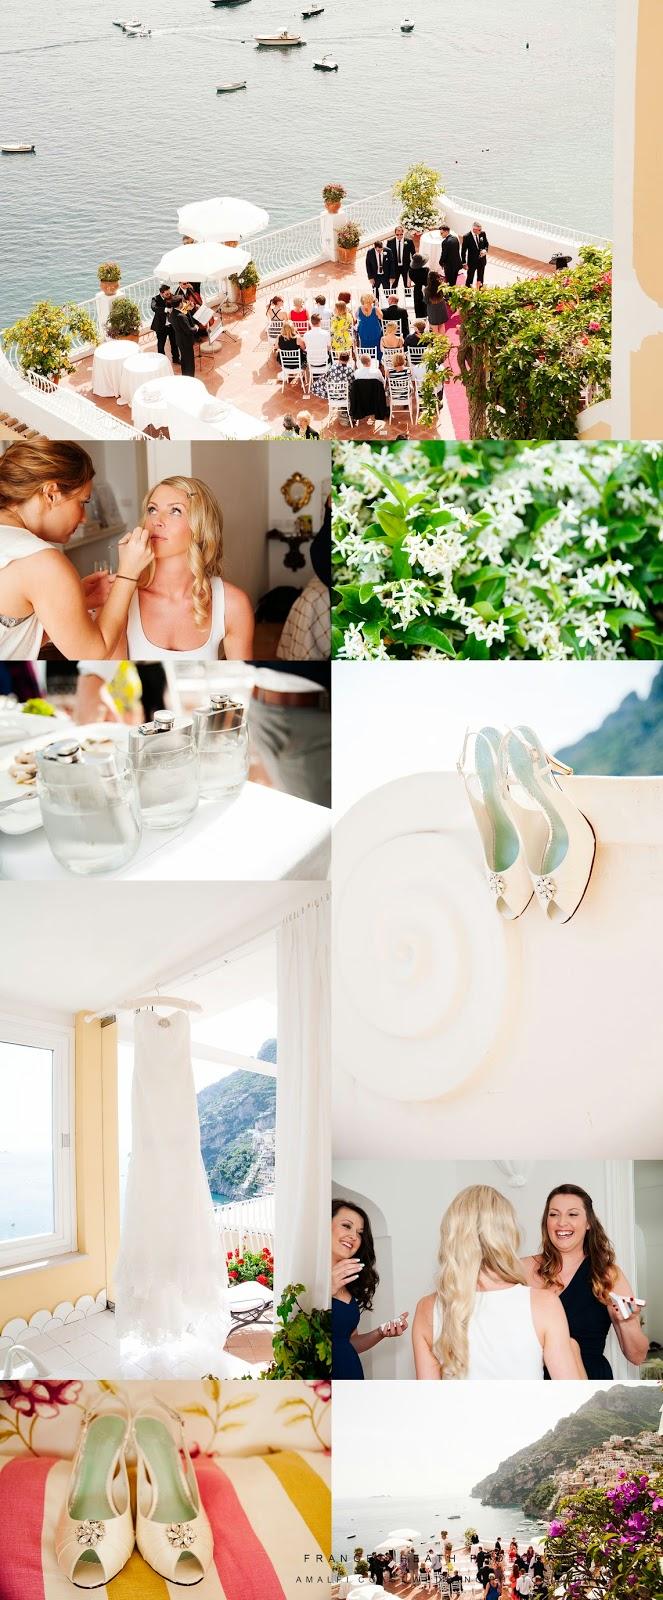 Wedding preparations Hotel Marincanto Positano